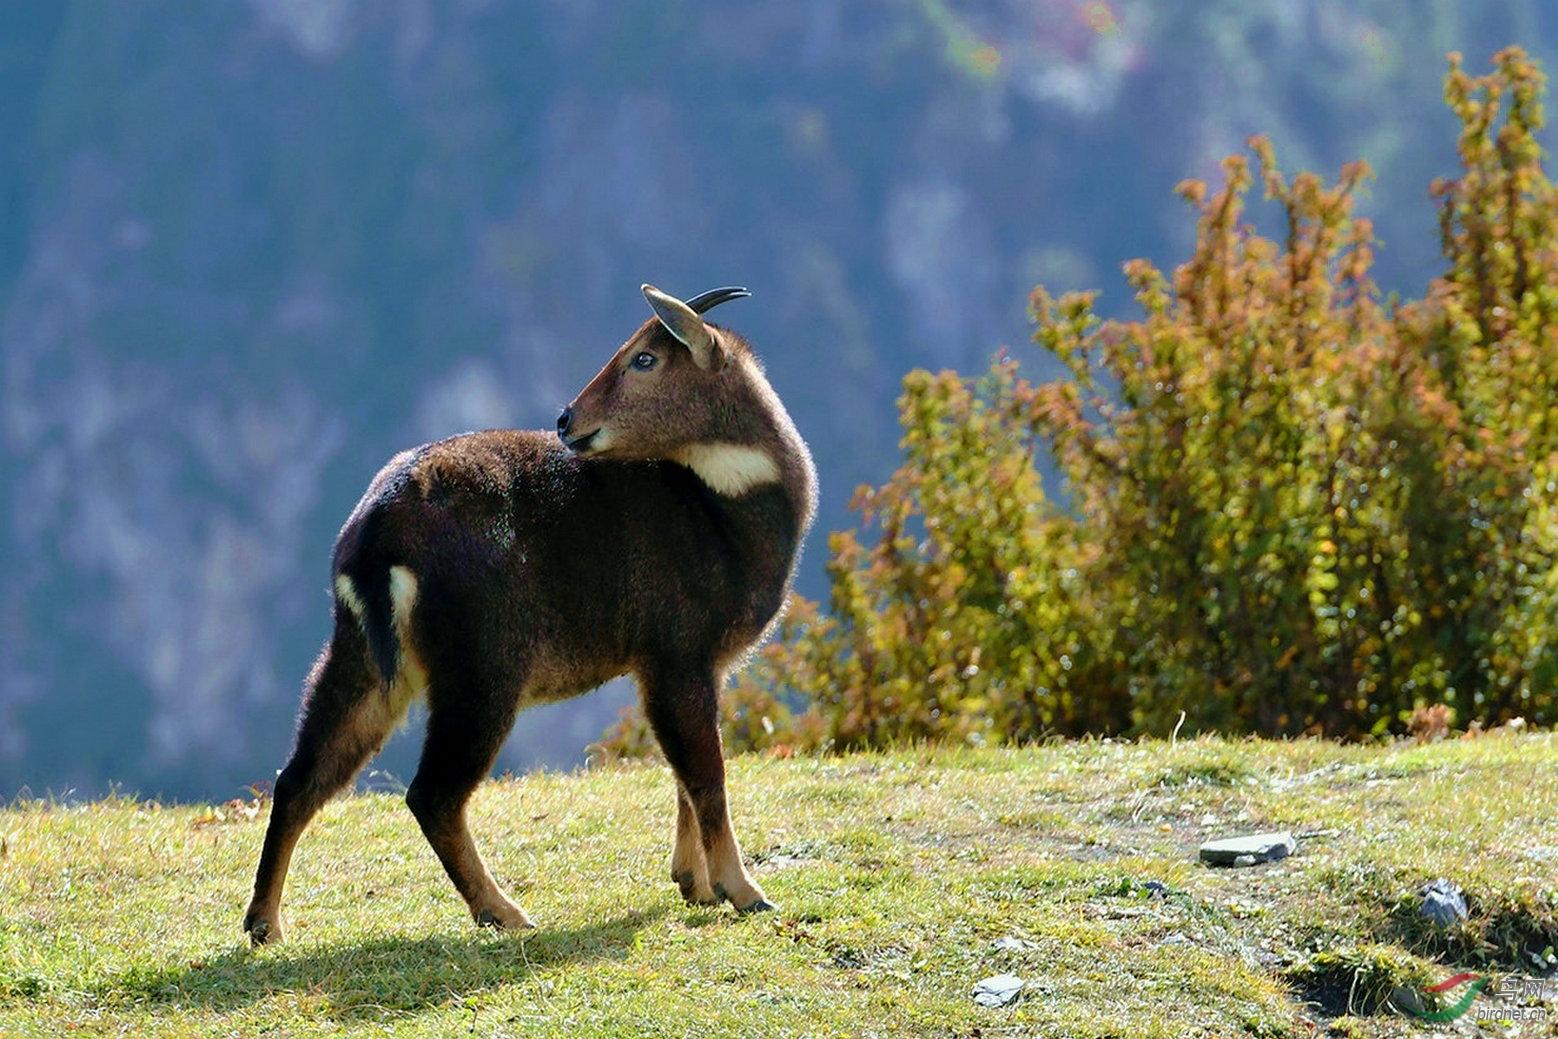 国际野生生物保护学会(wildlife conservation society),野生动物救援